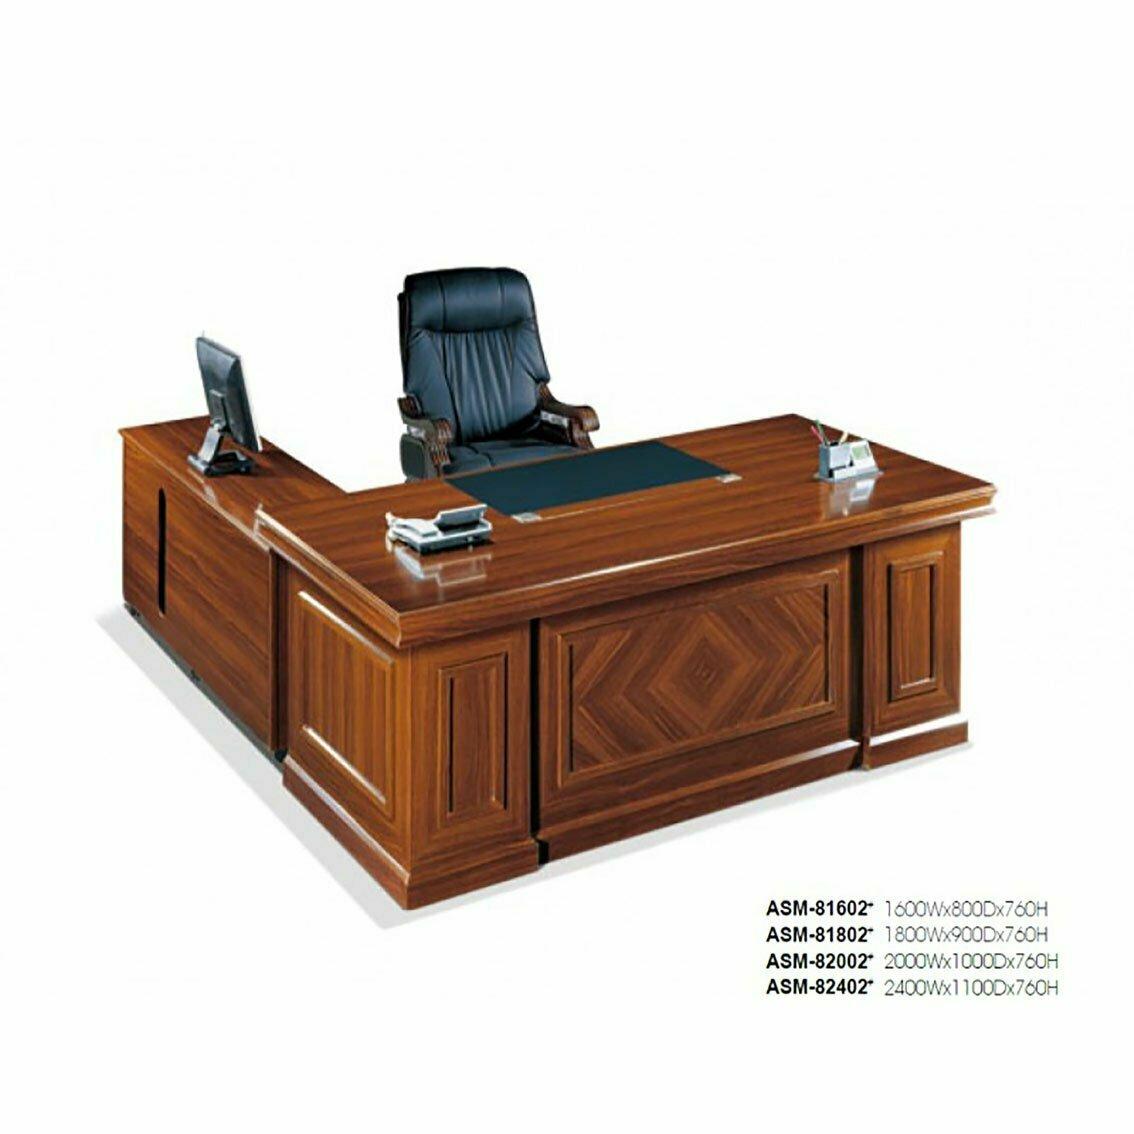 81802 office tale